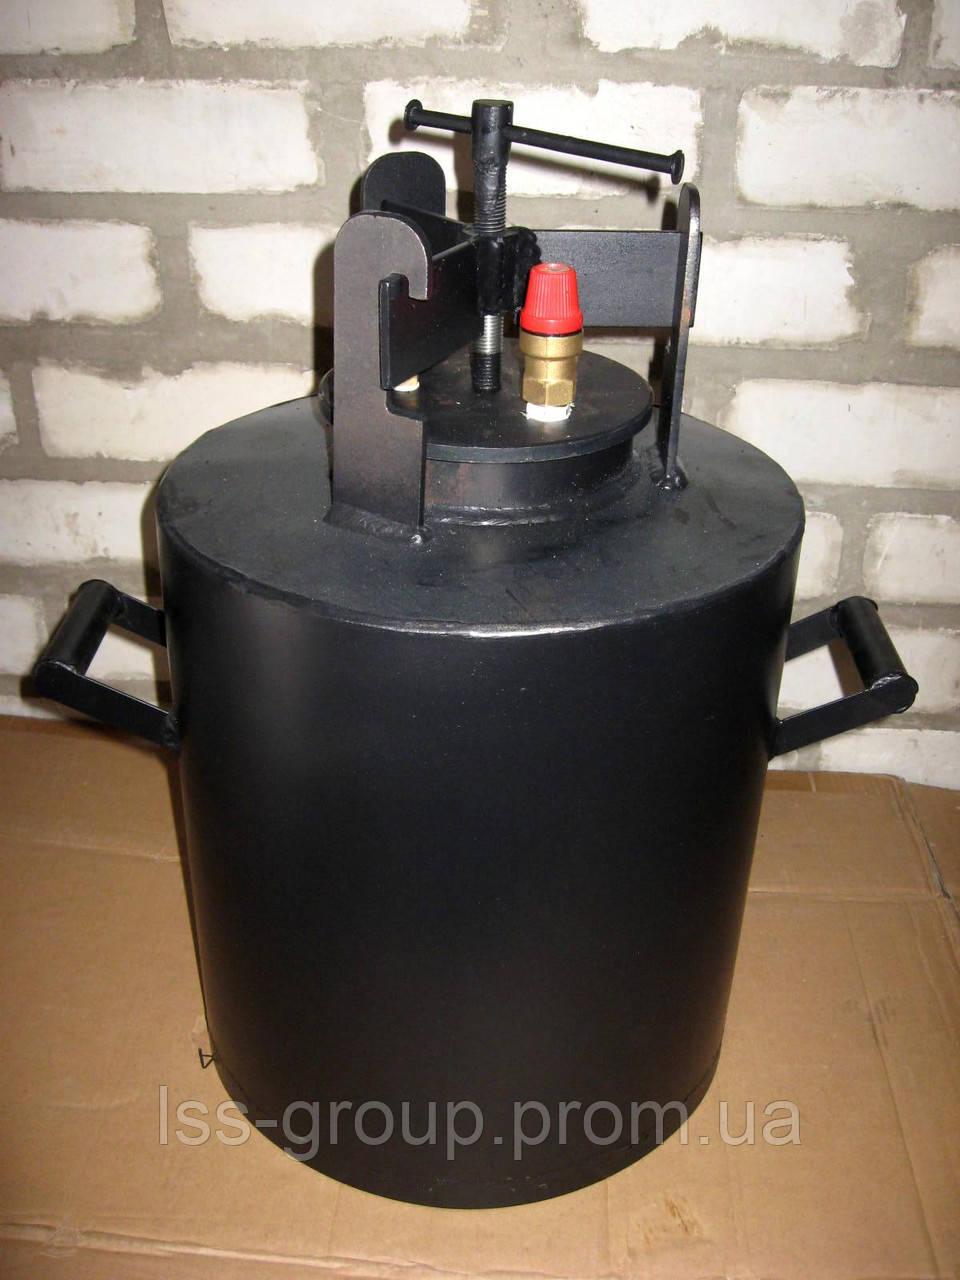 Газовый домашний автоклав купить самогонный аппарат славянка цены